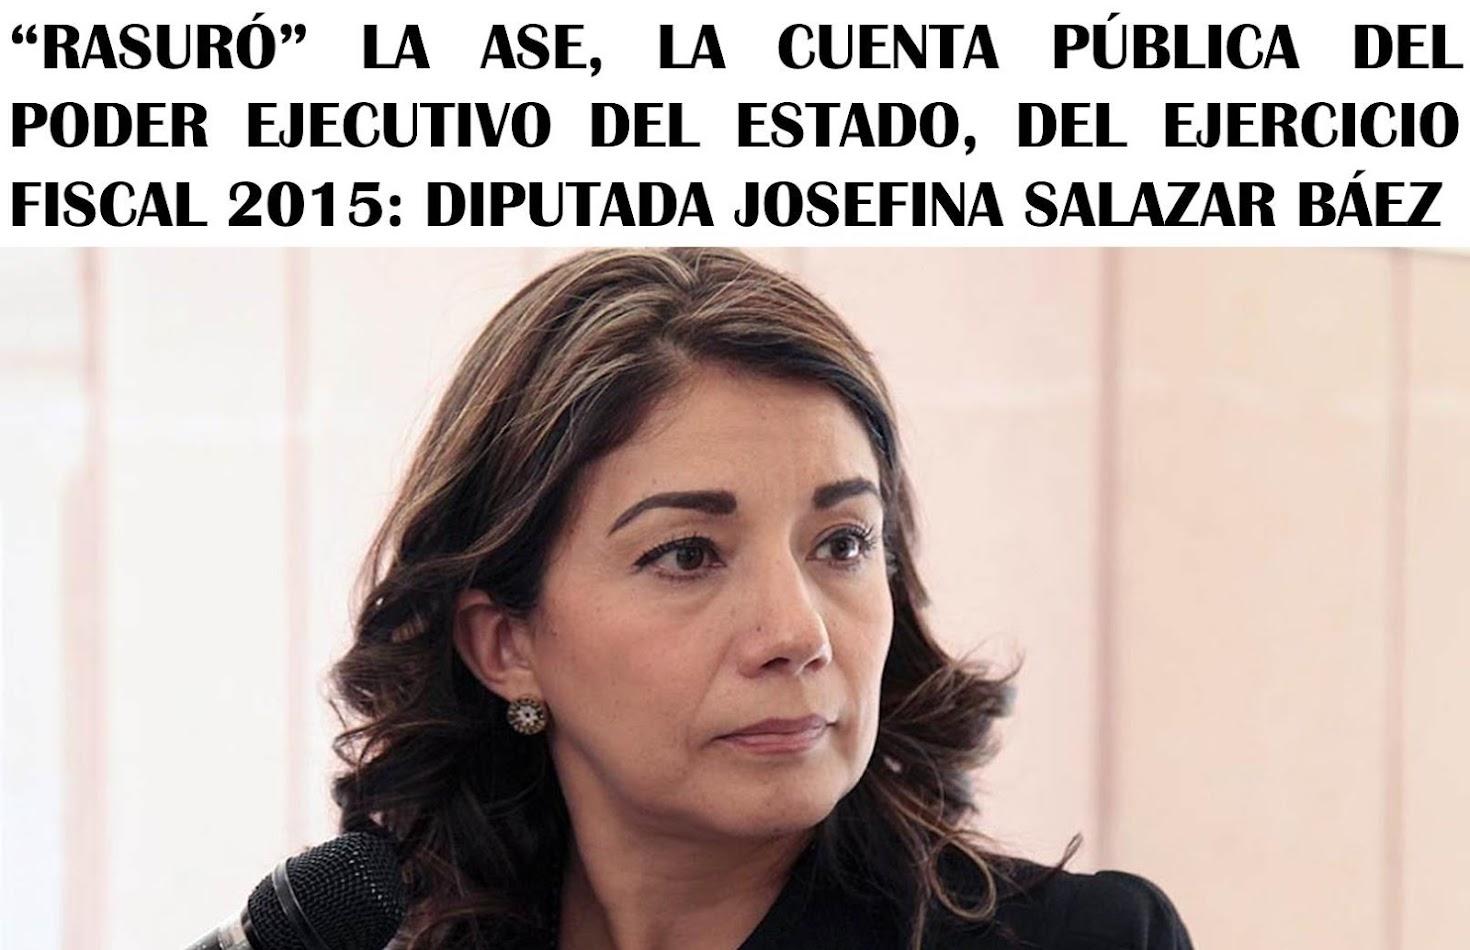 ACUERDOS A TU FAVOR: LXI LEGISLATURA DE SAN LUIS POTOSÍ.